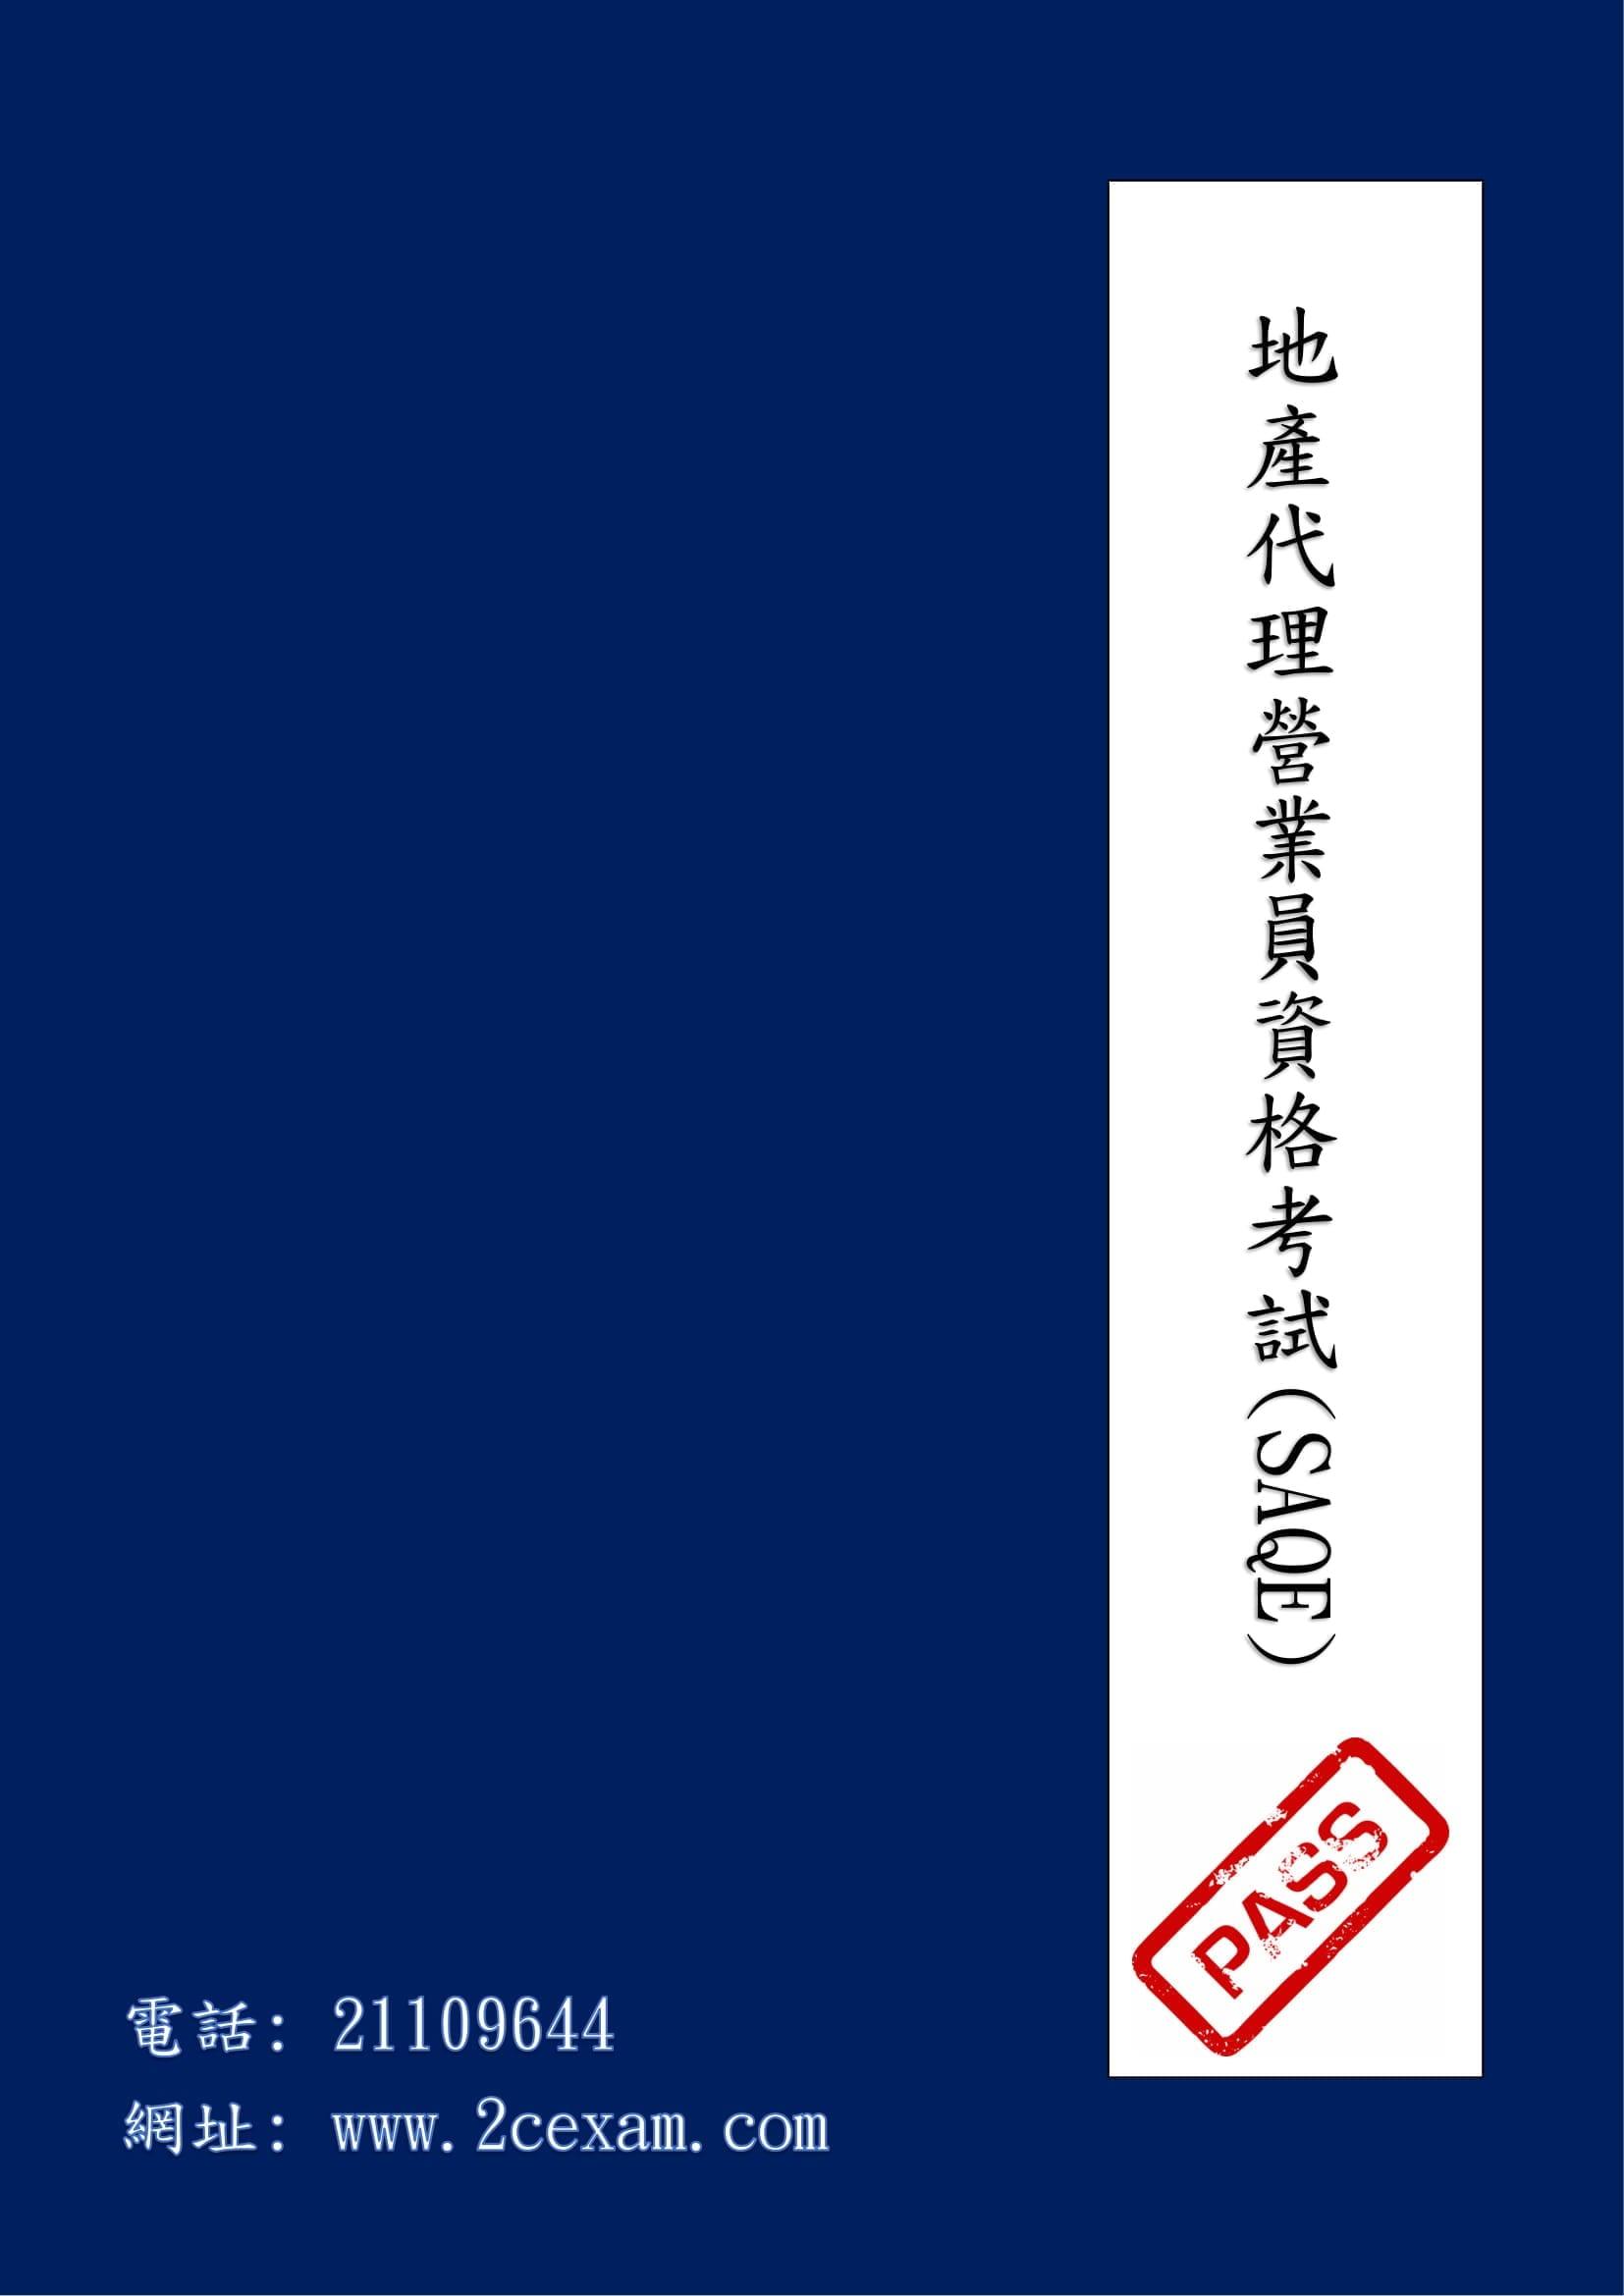 地產代理營業員資格考試(SQE)天書 SQE study notes